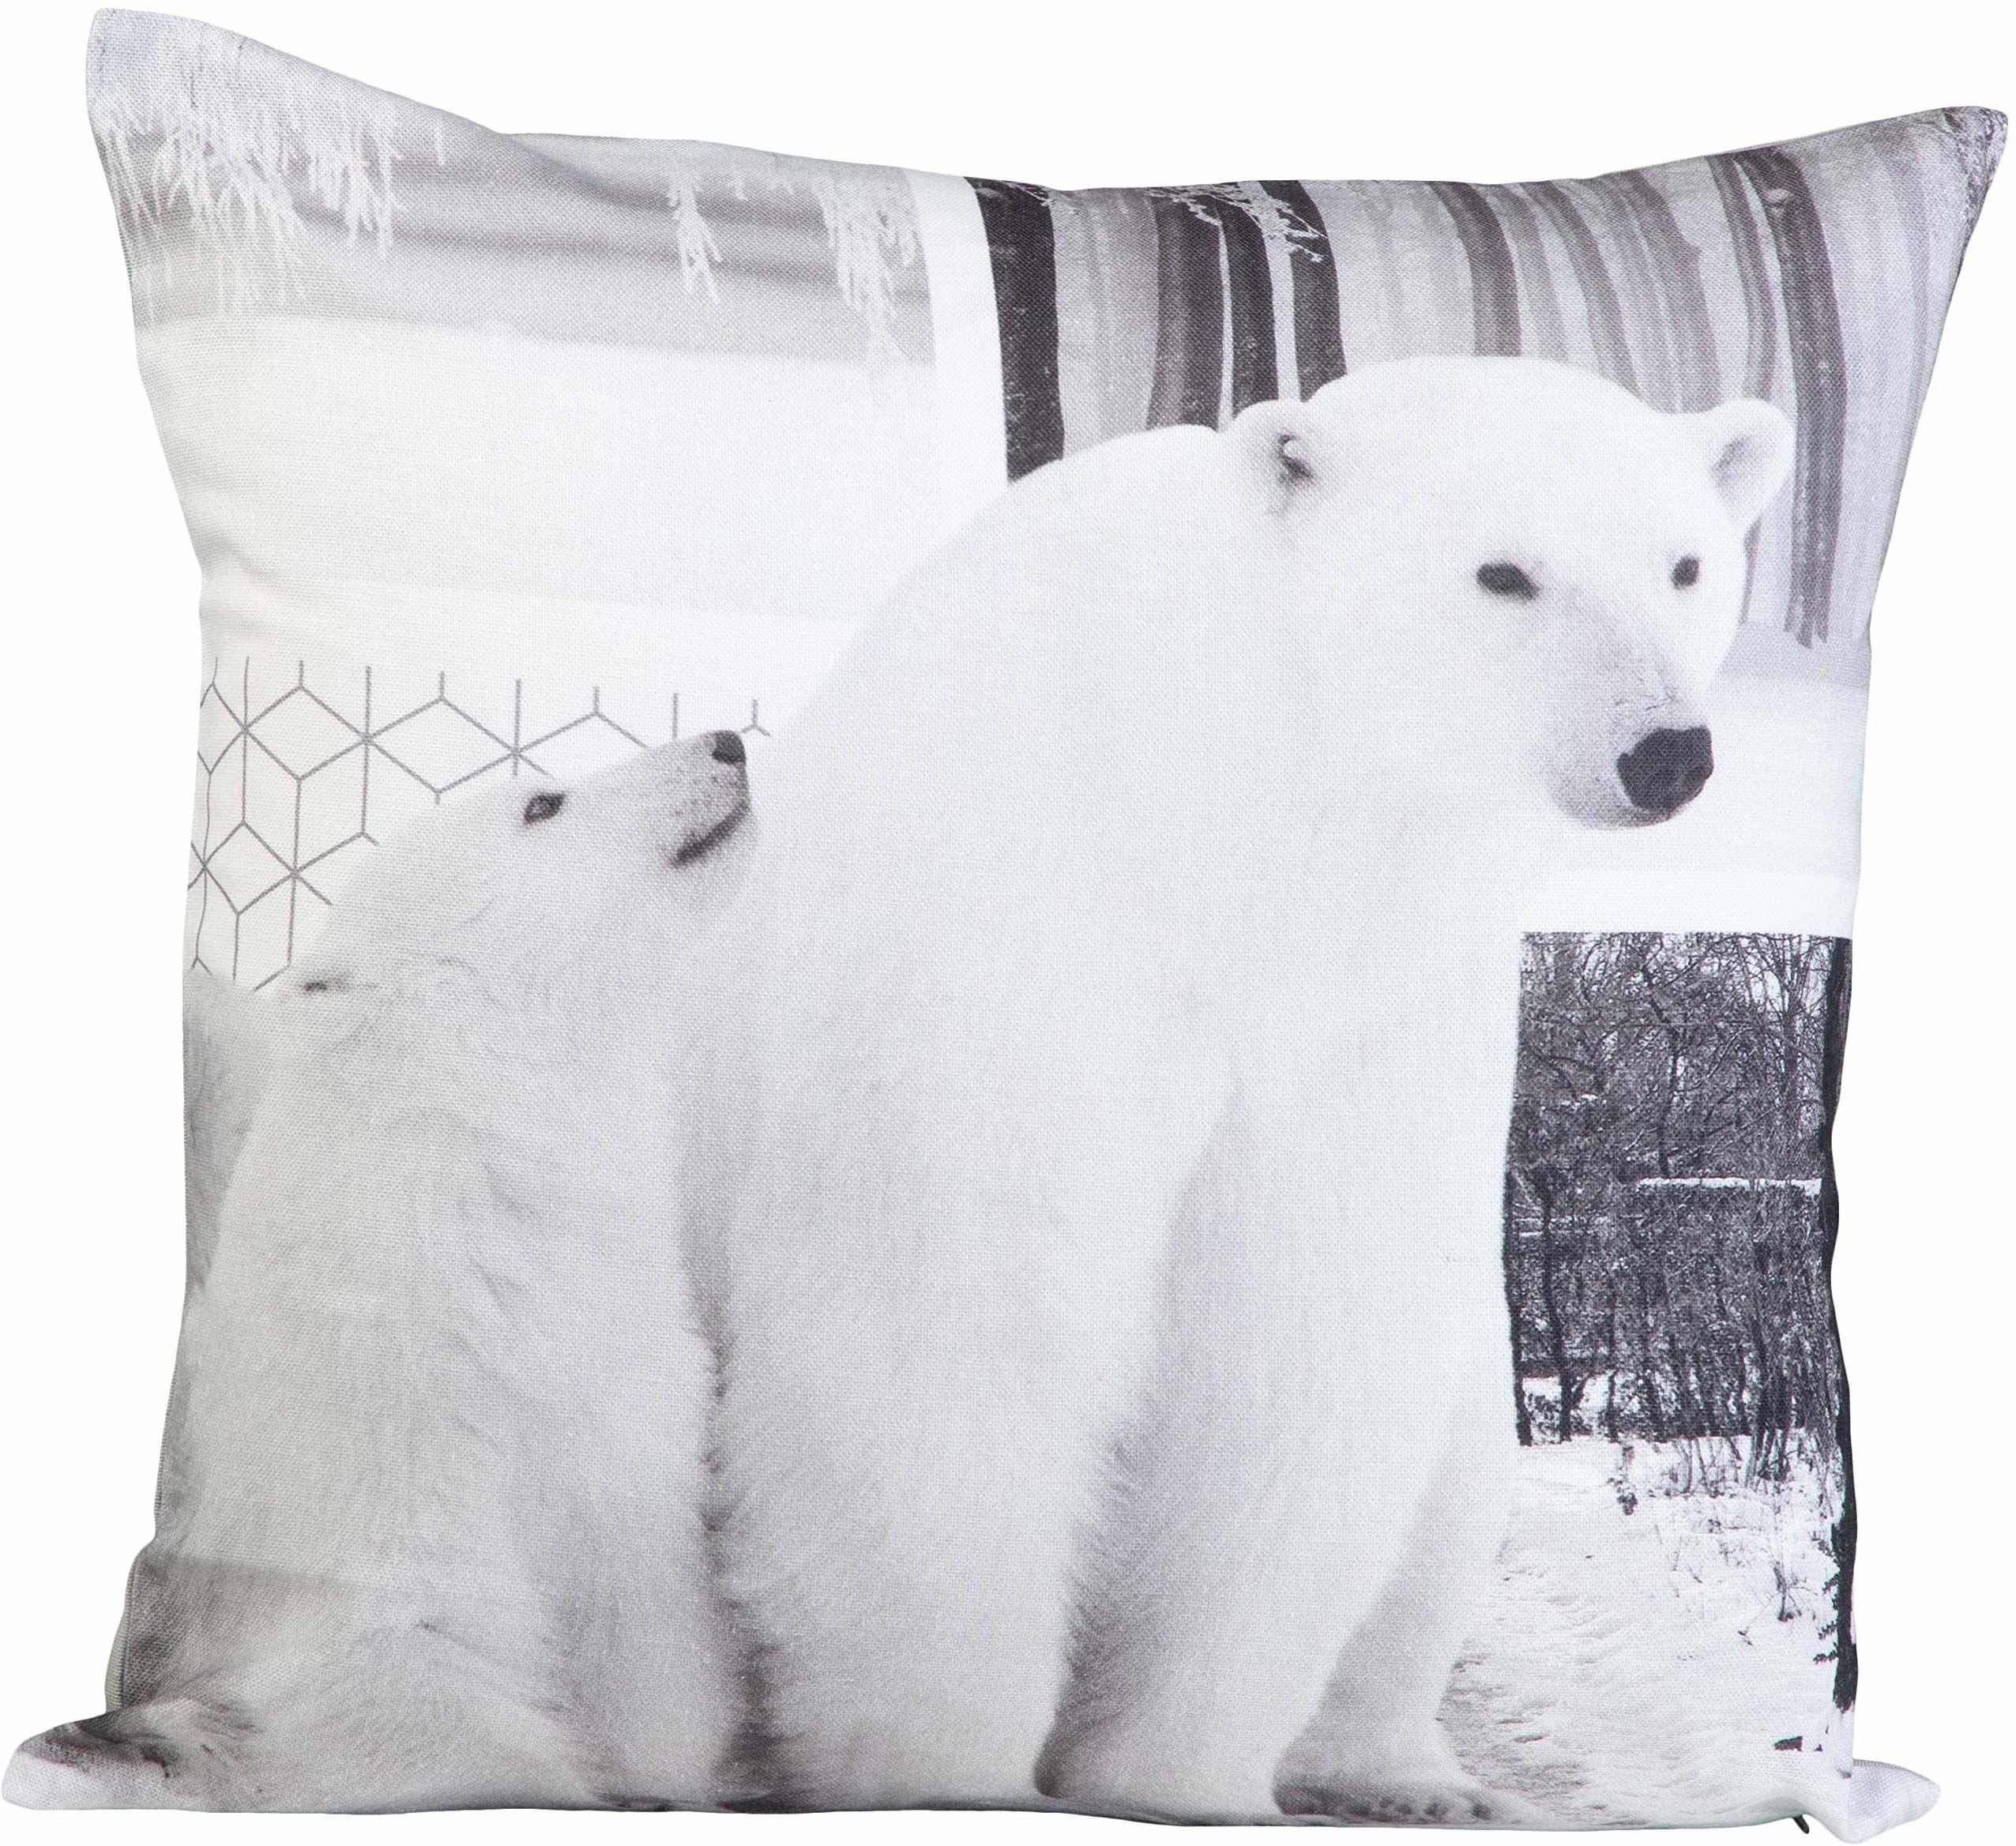 Polar Bear  czarny/biały  KH45 1 x uniwersalny